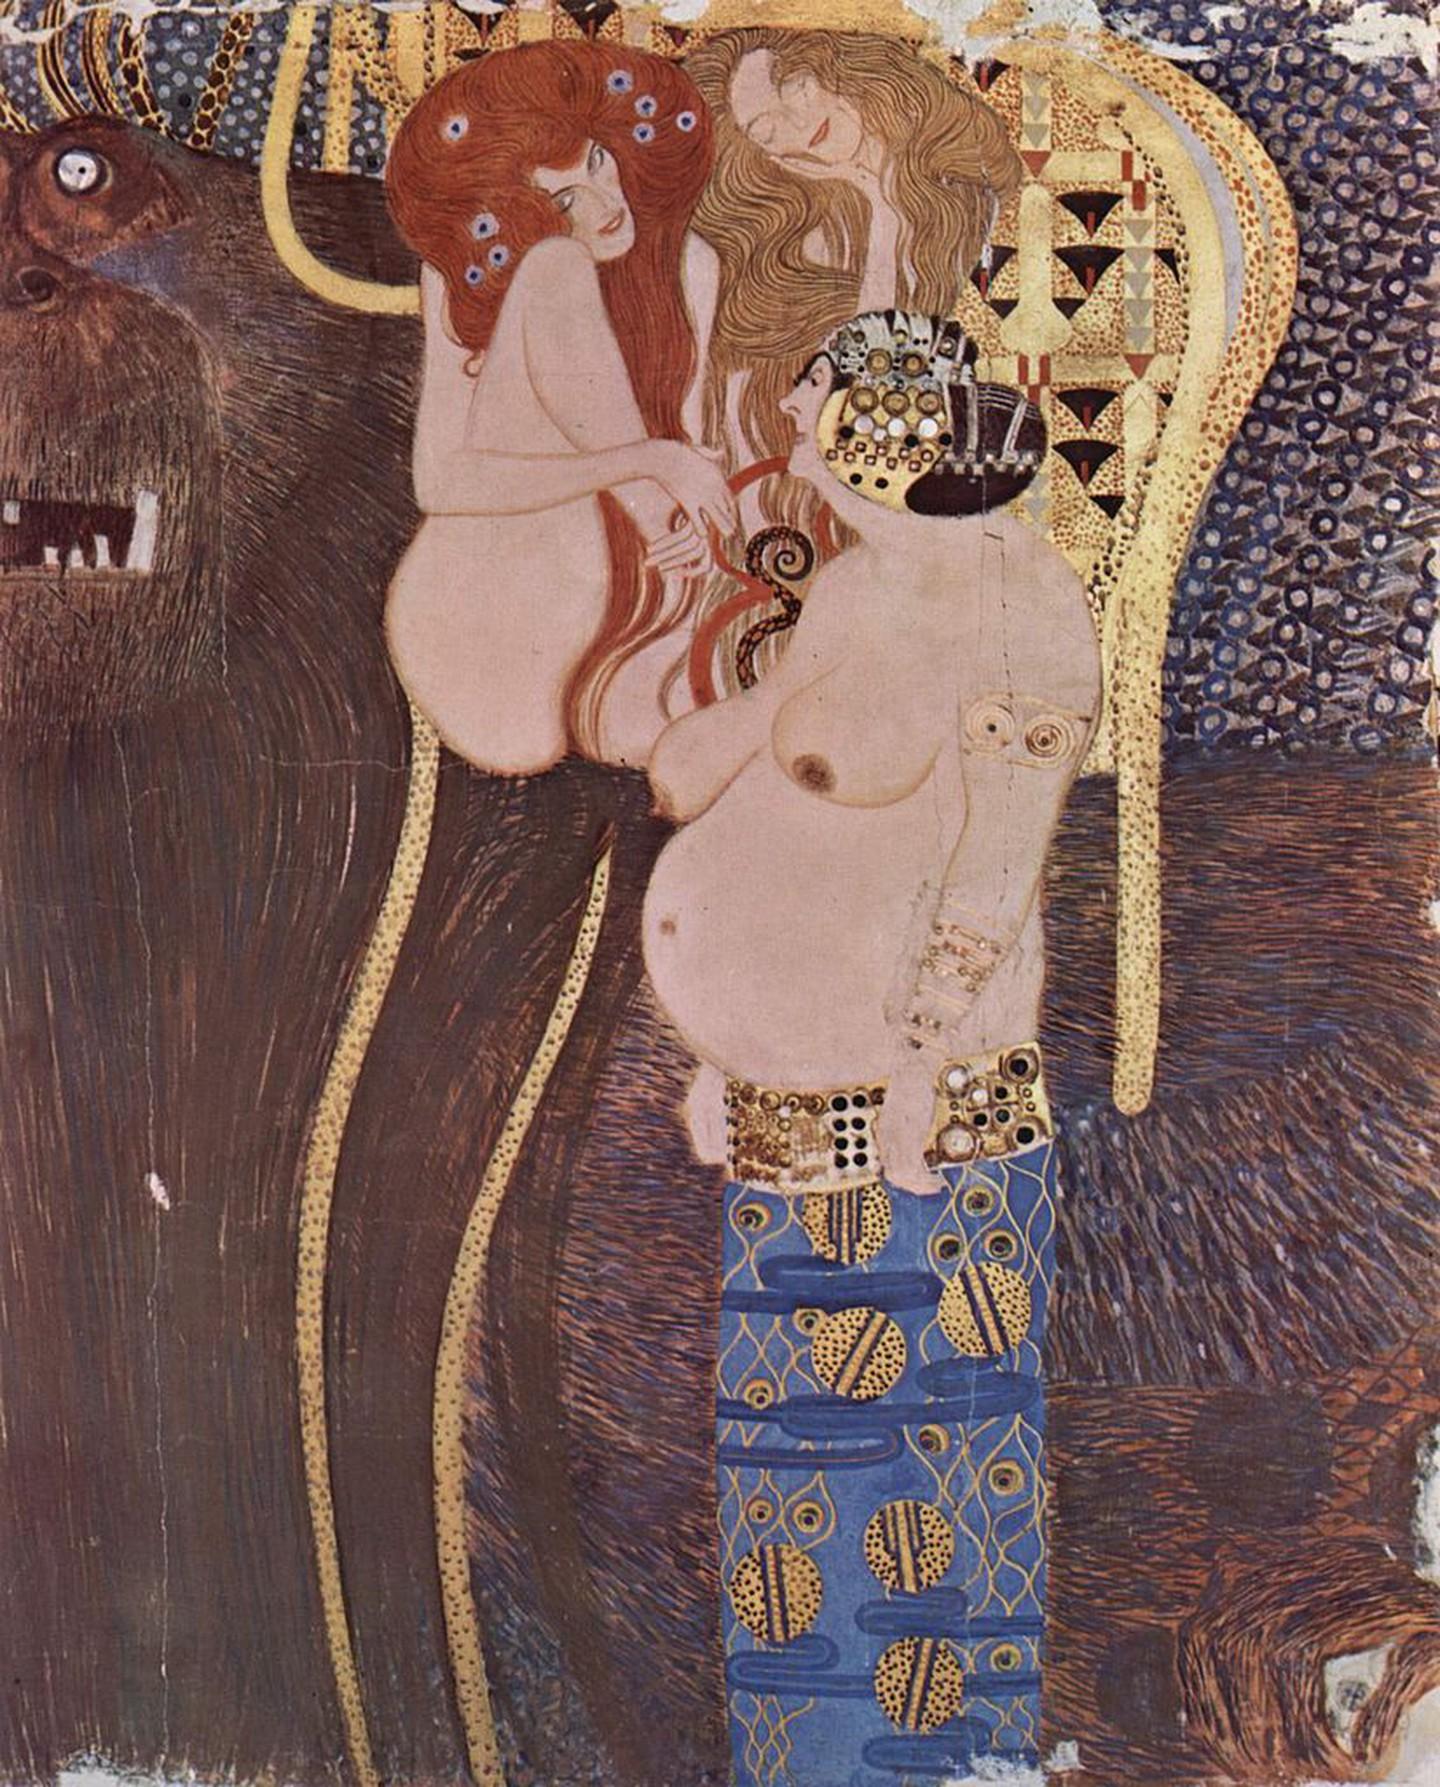 Γκούσταφ Κλιμτ, Λεπτομέρεια από τη Ζωφόρο του Μπετόβεν, 1902. Φωτογραφία: Österreichische Galerie Belvedere/WikiCommons